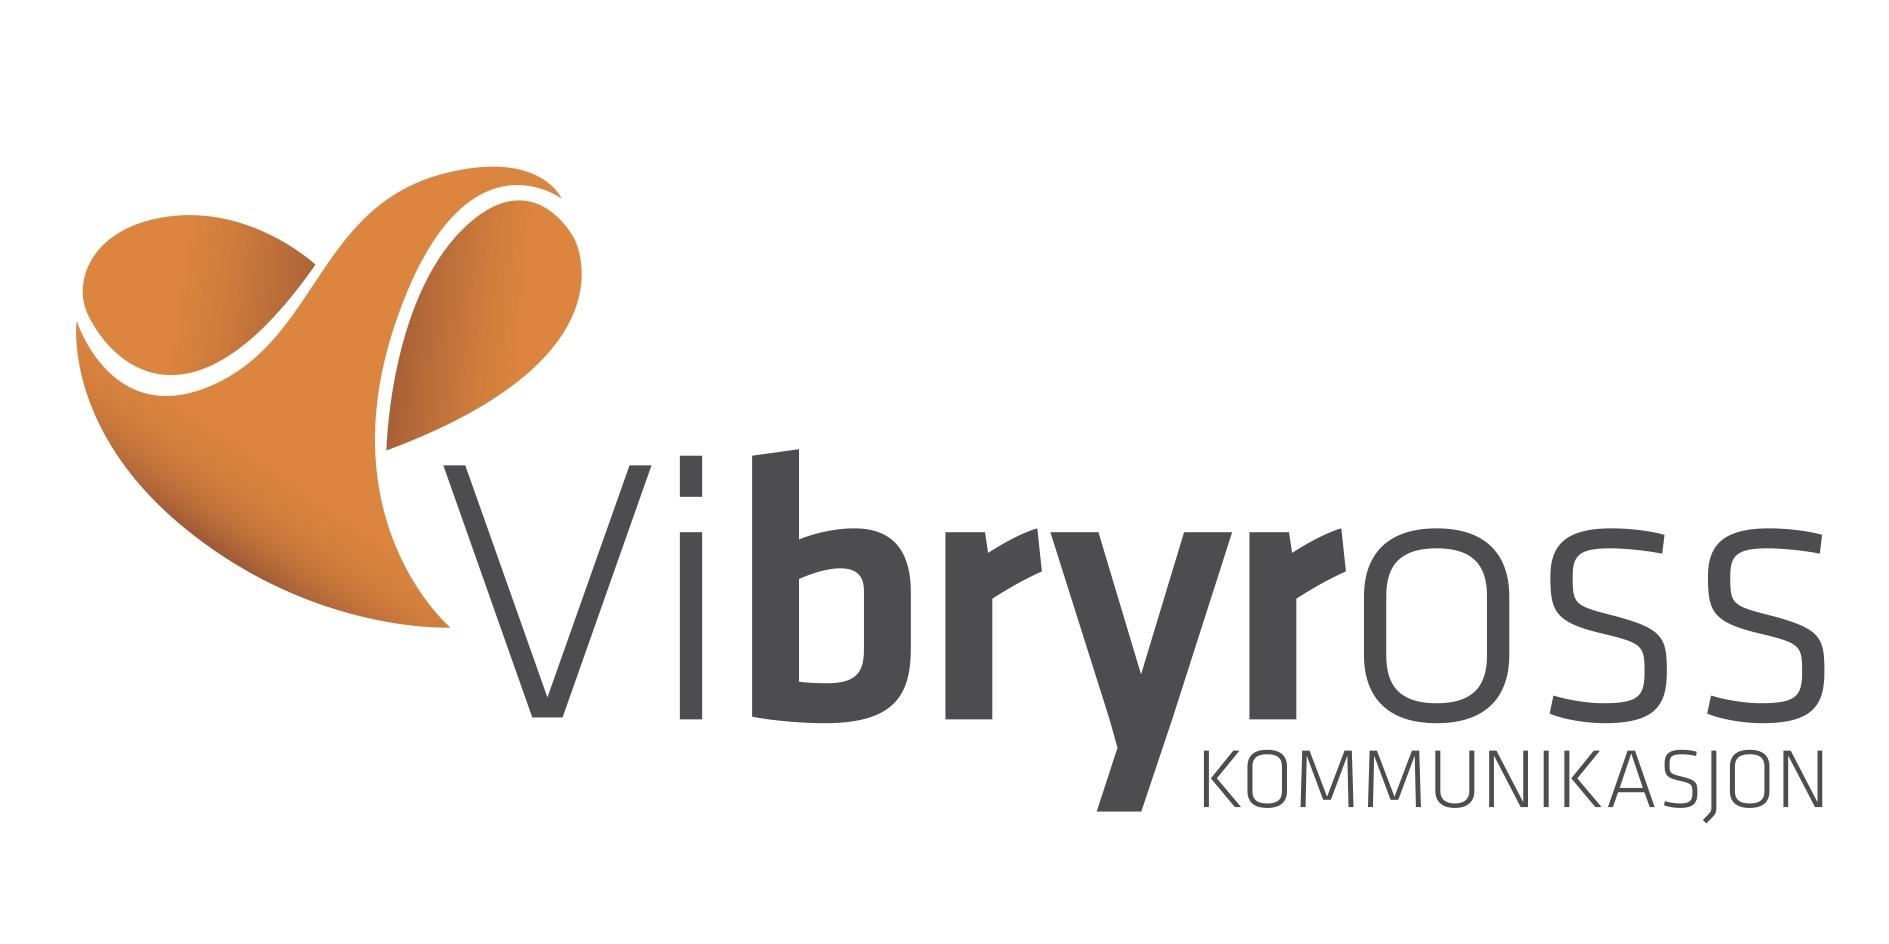 vibryross_logo_cmyk.jpg